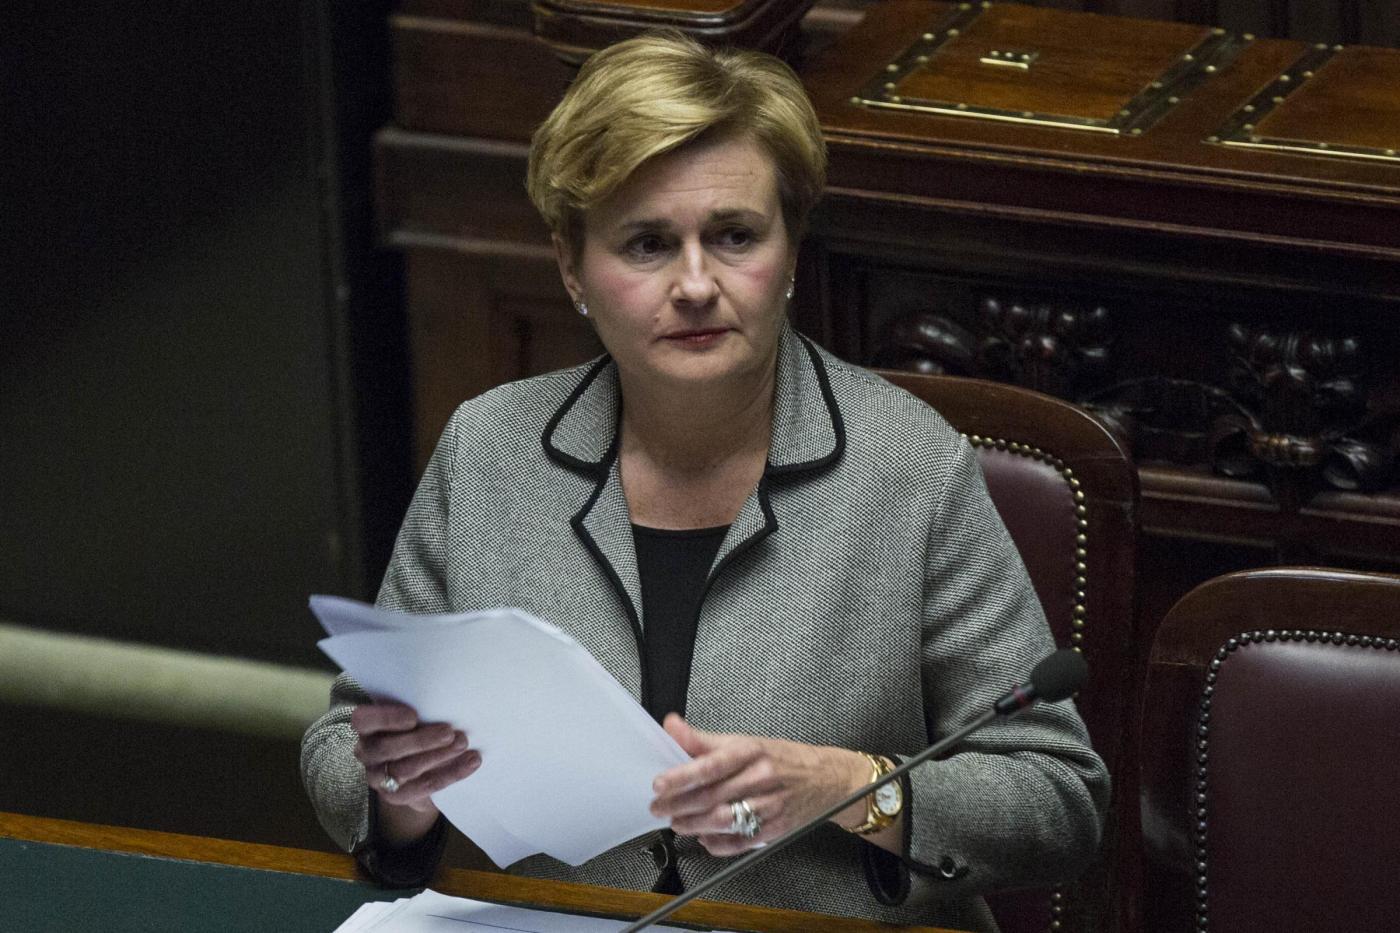 Eni, il ministro Federica Guidi si dimette con una lettera a Renzi